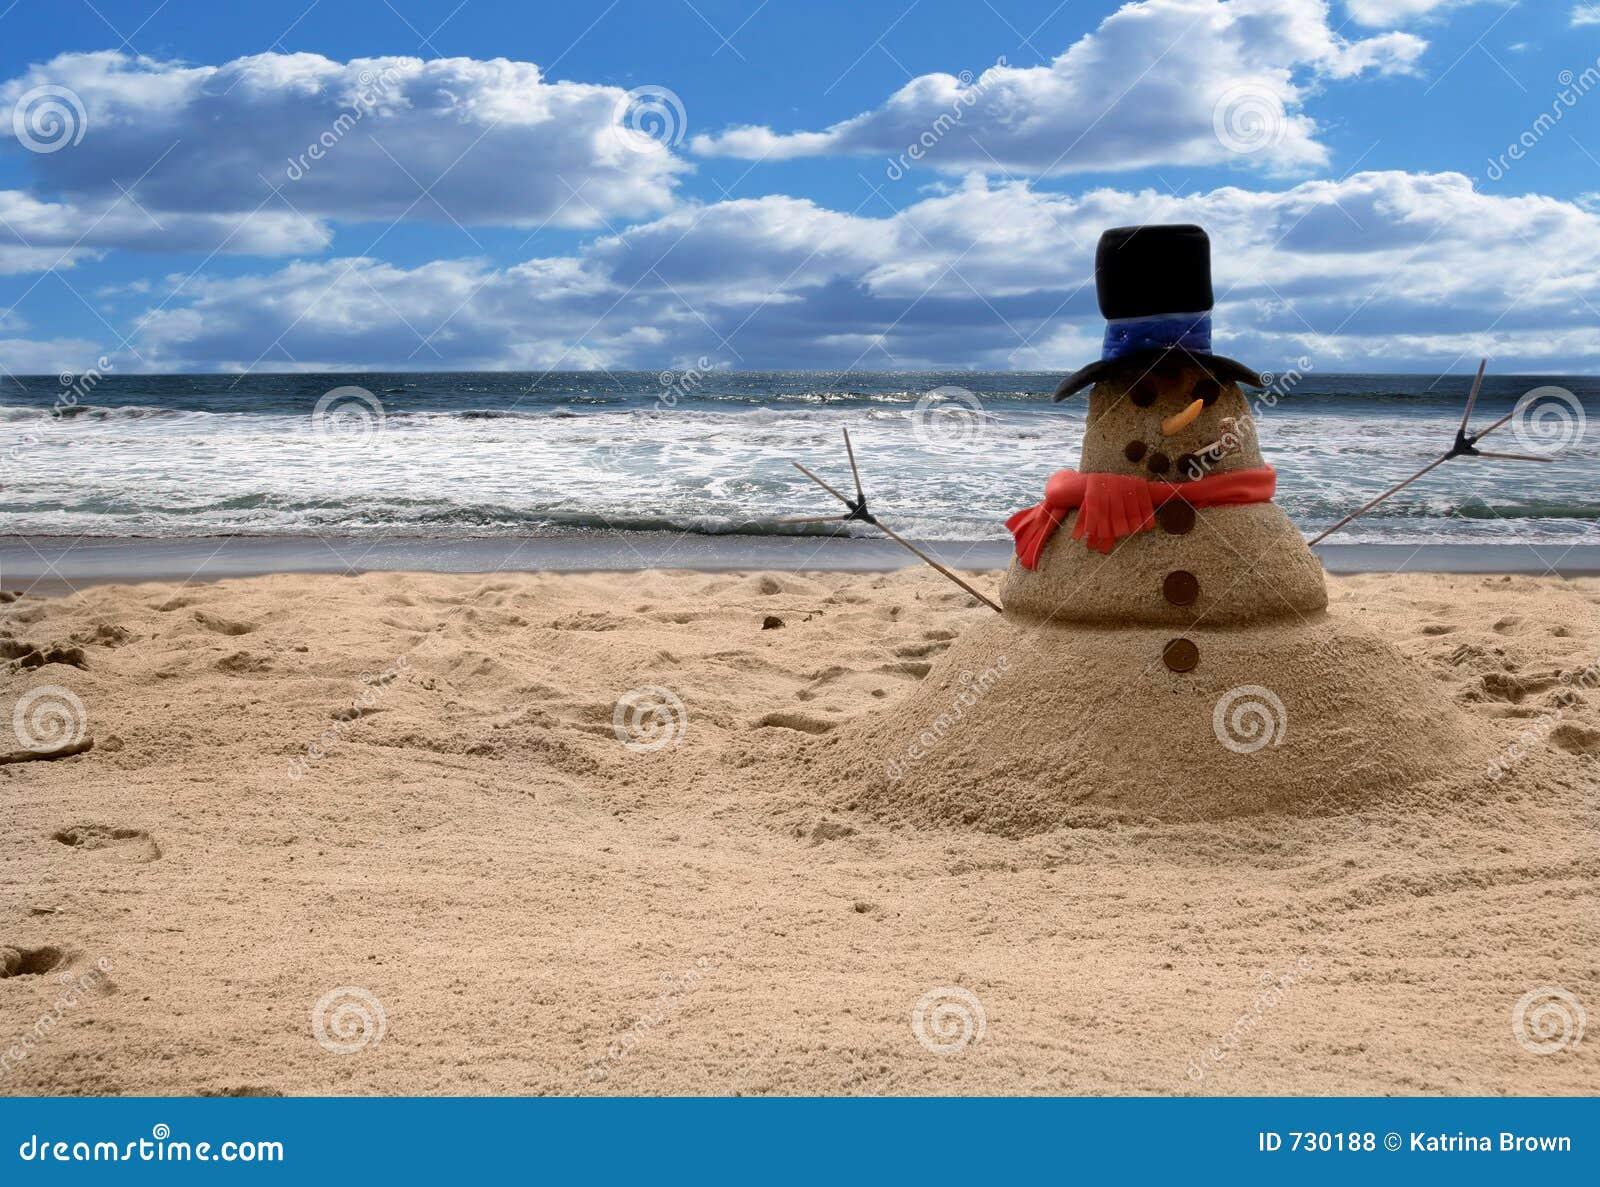 Royalty Free Stock Photos: Snowman Sandman Beach Scene (Add Family For ...